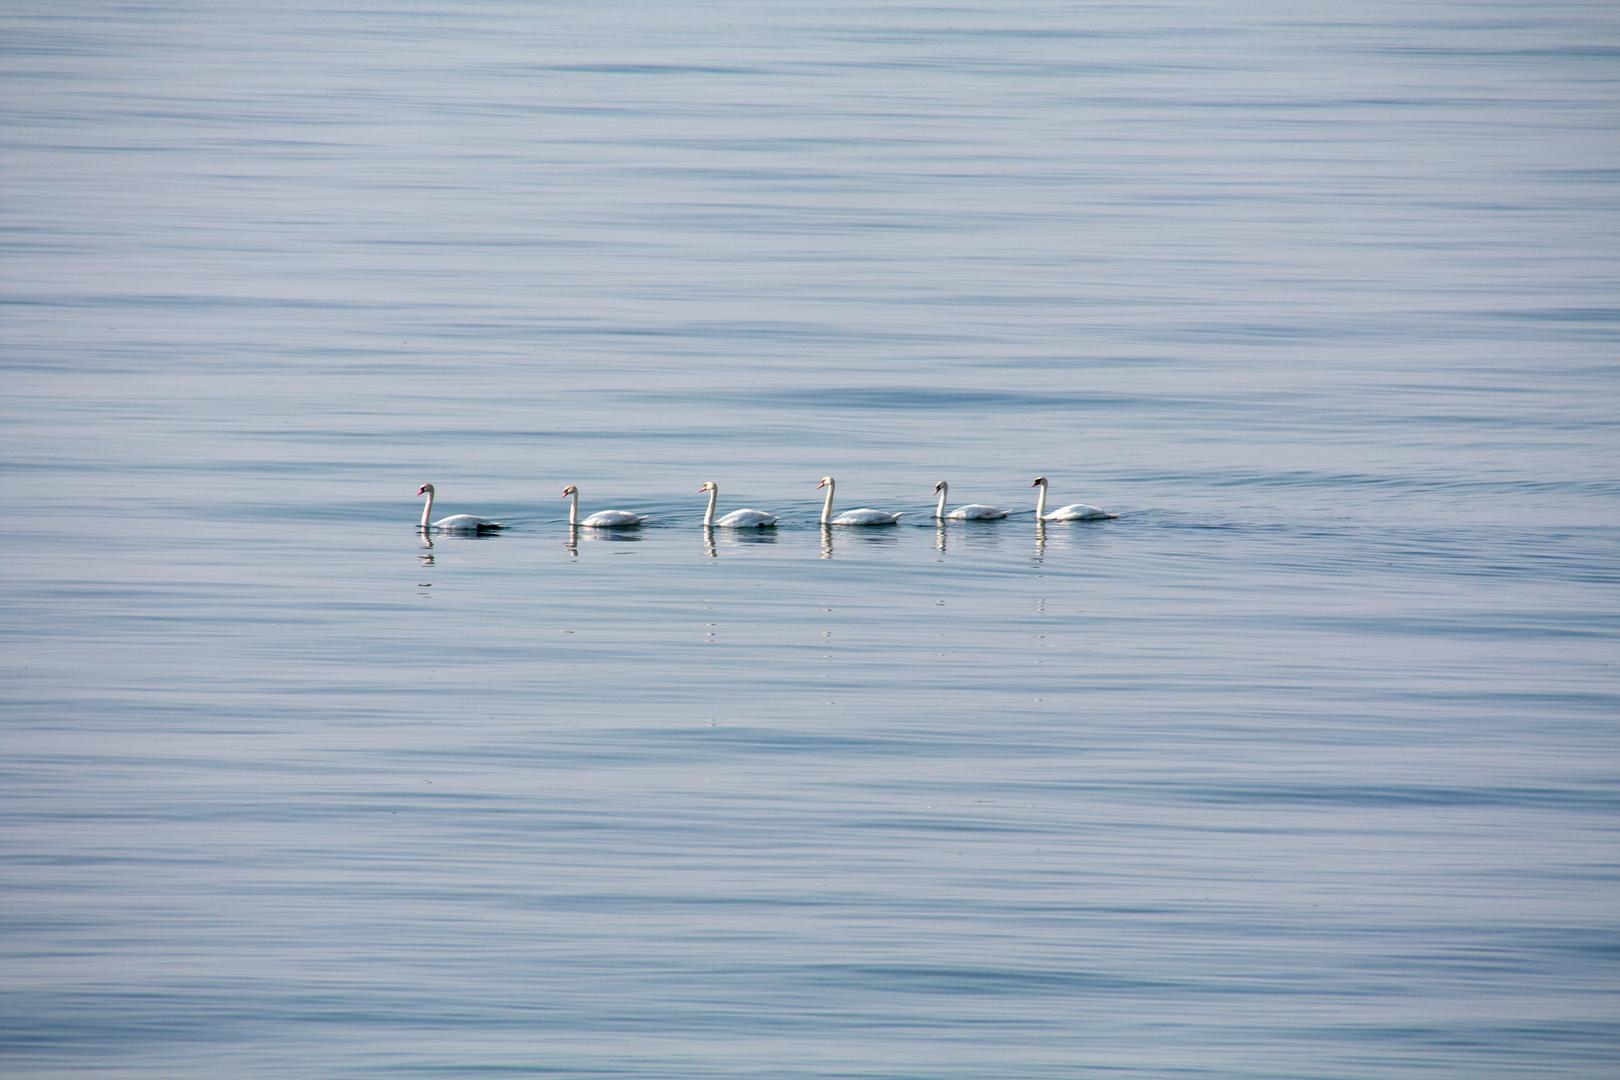 6 Schwäne auf der Stillen Ostsee bei Nienhagen